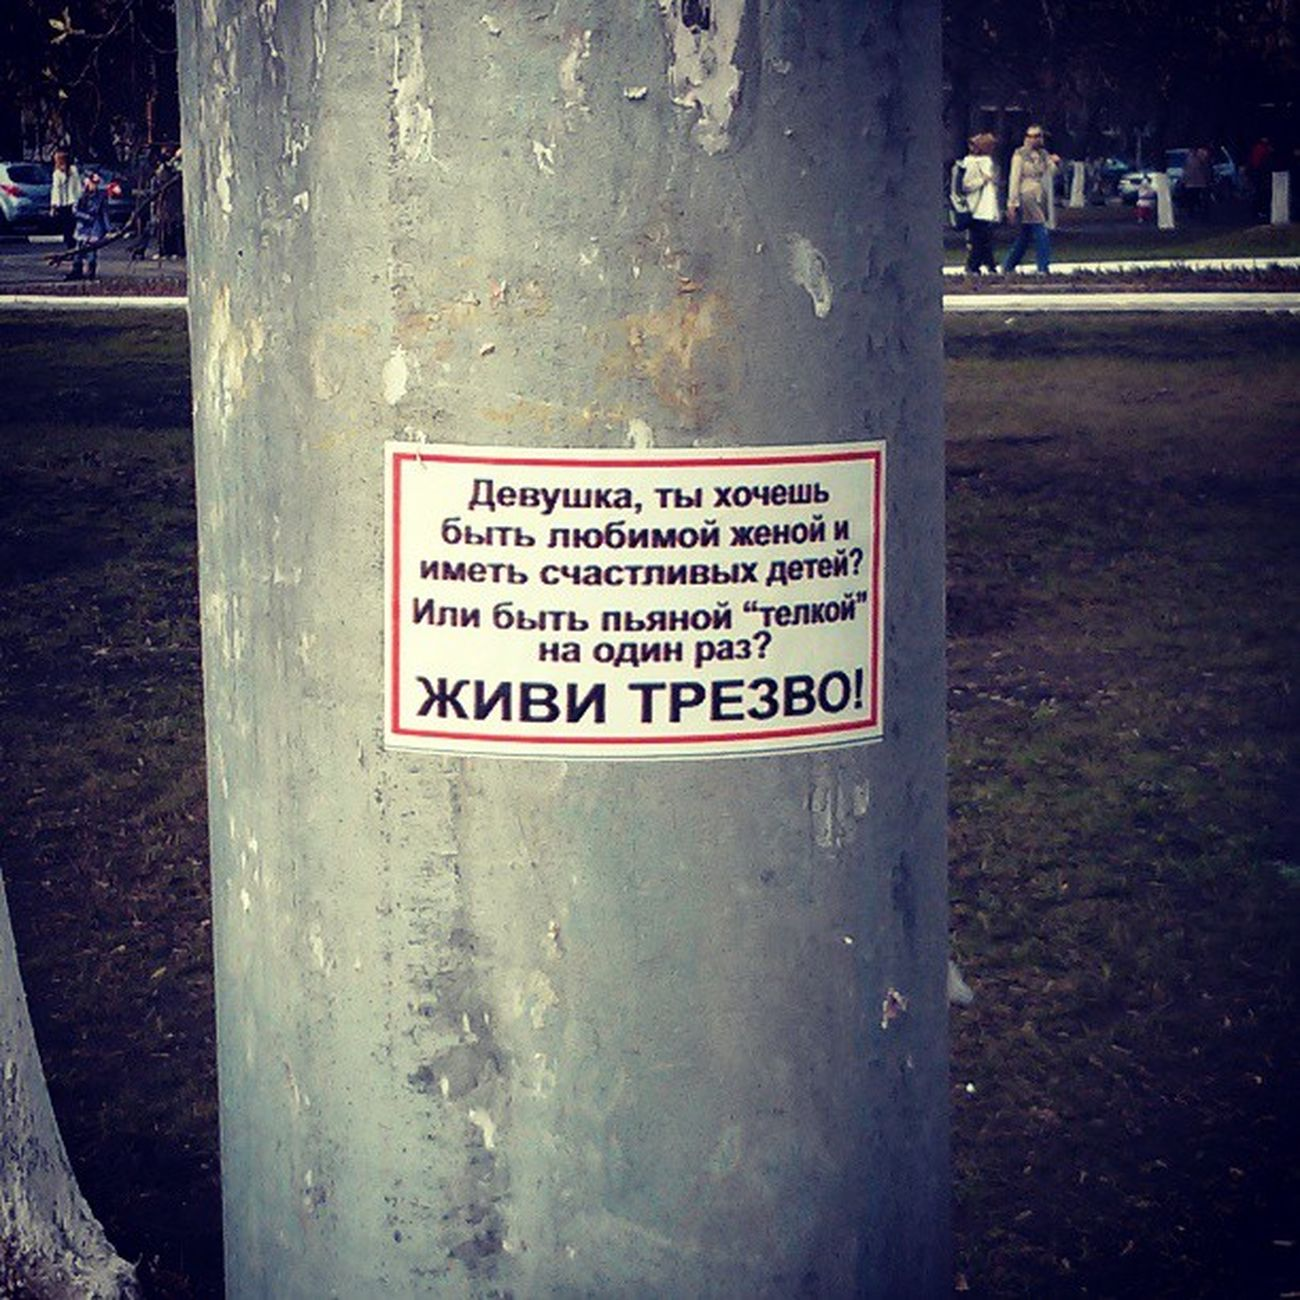 великаяроссия Идиотизм популизм столб всем представлен выбор)